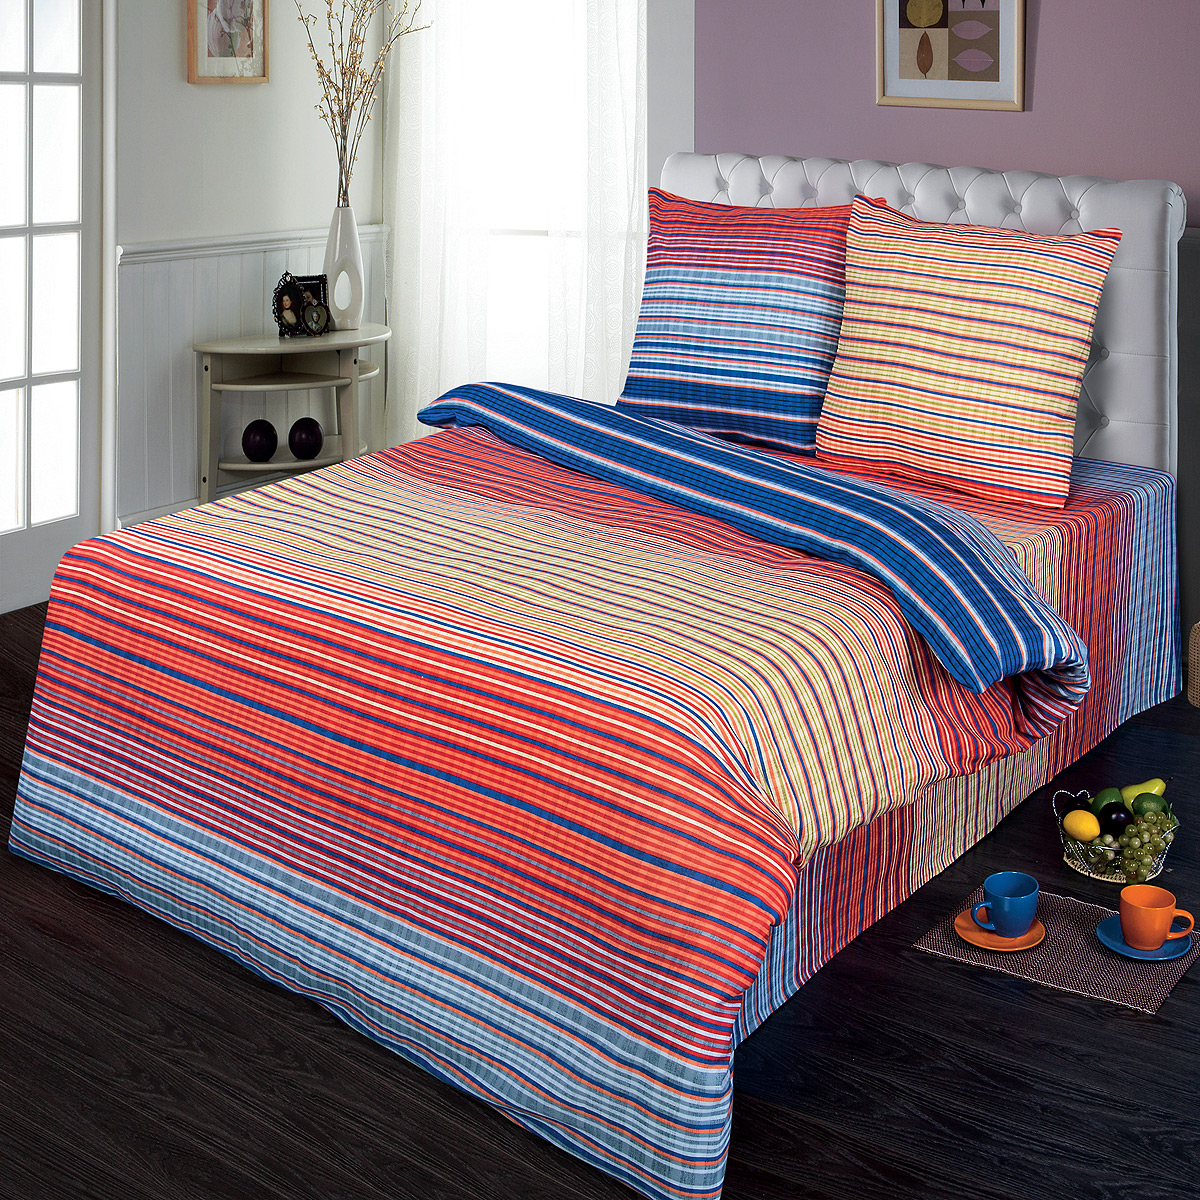 Комплект белья Шоколад Кавалер, 2-спальный, наволочки 70x70. Б104Б104Комплект постельного белья Шоколад Кавалер является экологически безопасным для всей семьи, так как выполнен из натурального хлопка. Комплект состоит из пододеяльника, простыни и двух наволочек. Постельное белье оформлено оригинальным рисунком и имеет изысканный внешний вид.Бязь - это ткань полотняного переплетения, изготовленная из экологически чистого и натурального 100% хлопка. Она прочная, мягкая, обладает низкой сминаемостью, легко стирается и хорошо гладится. Бязь прекрасно пропускает воздух и за ней легко ухаживать. При соблюдении рекомендуемых условий стирки, сушки и глажения ткань имеет усадку по ГОСТу, сохранятся яркость текстильных рисунков. Приобретая комплект постельного белья Шоколад Кавалер, вы можете быть уверены в том, что покупка доставит вам и вашим близким удовольствие иподарит максимальный комфорт.